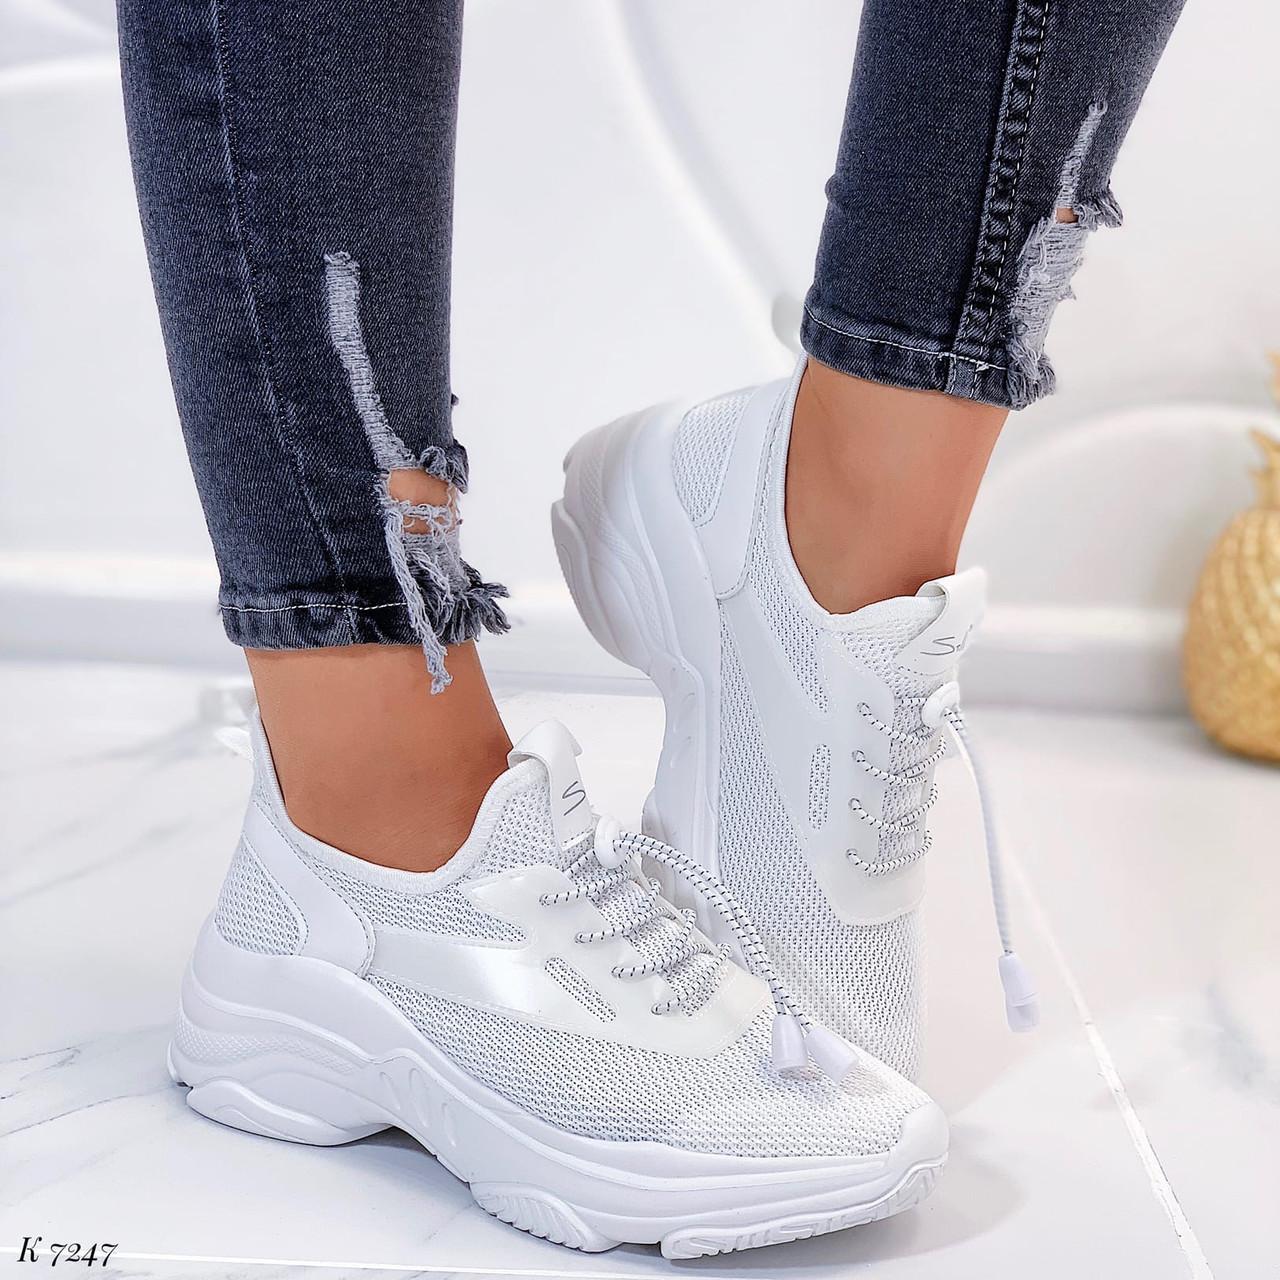 Женские кроссовки белые эко-кожа и текстиль на платформе